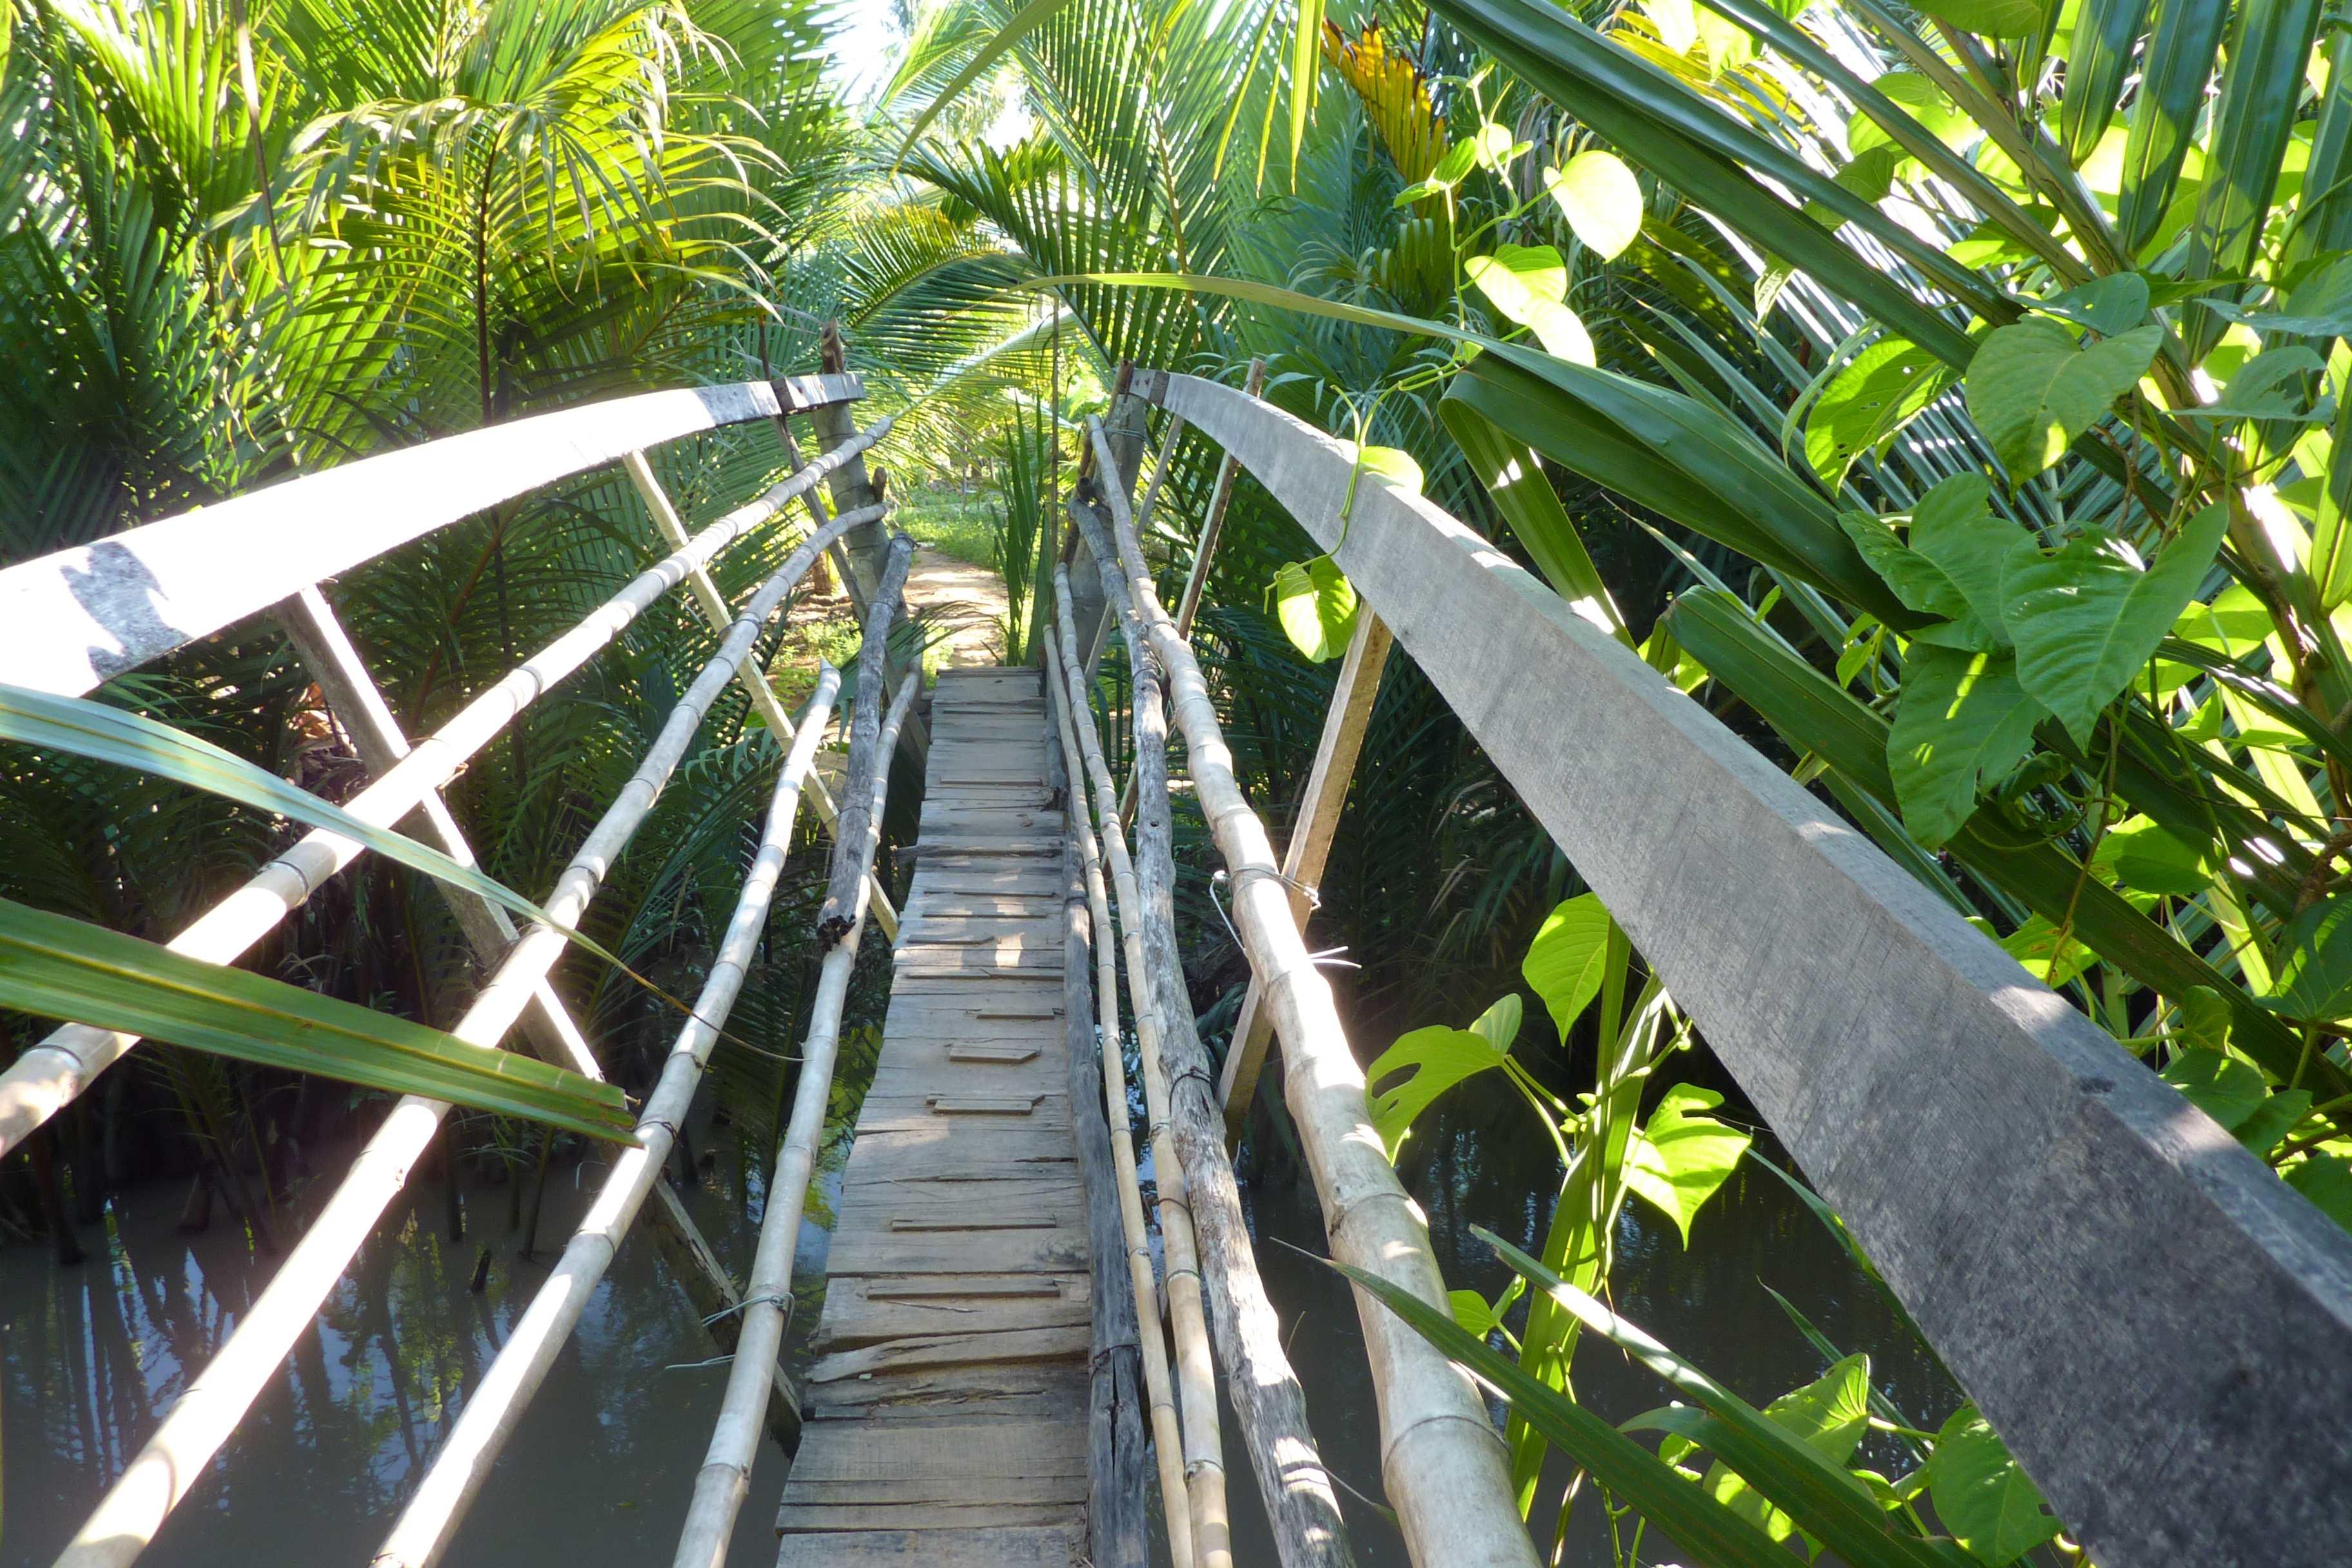 Kulinarisch unterwegs im Mekongdelta. Von Drachenaugen und Elefantenohrfischen. vietnam sonne land und leute asien  tui berlin vietnam mekong bruecke 1